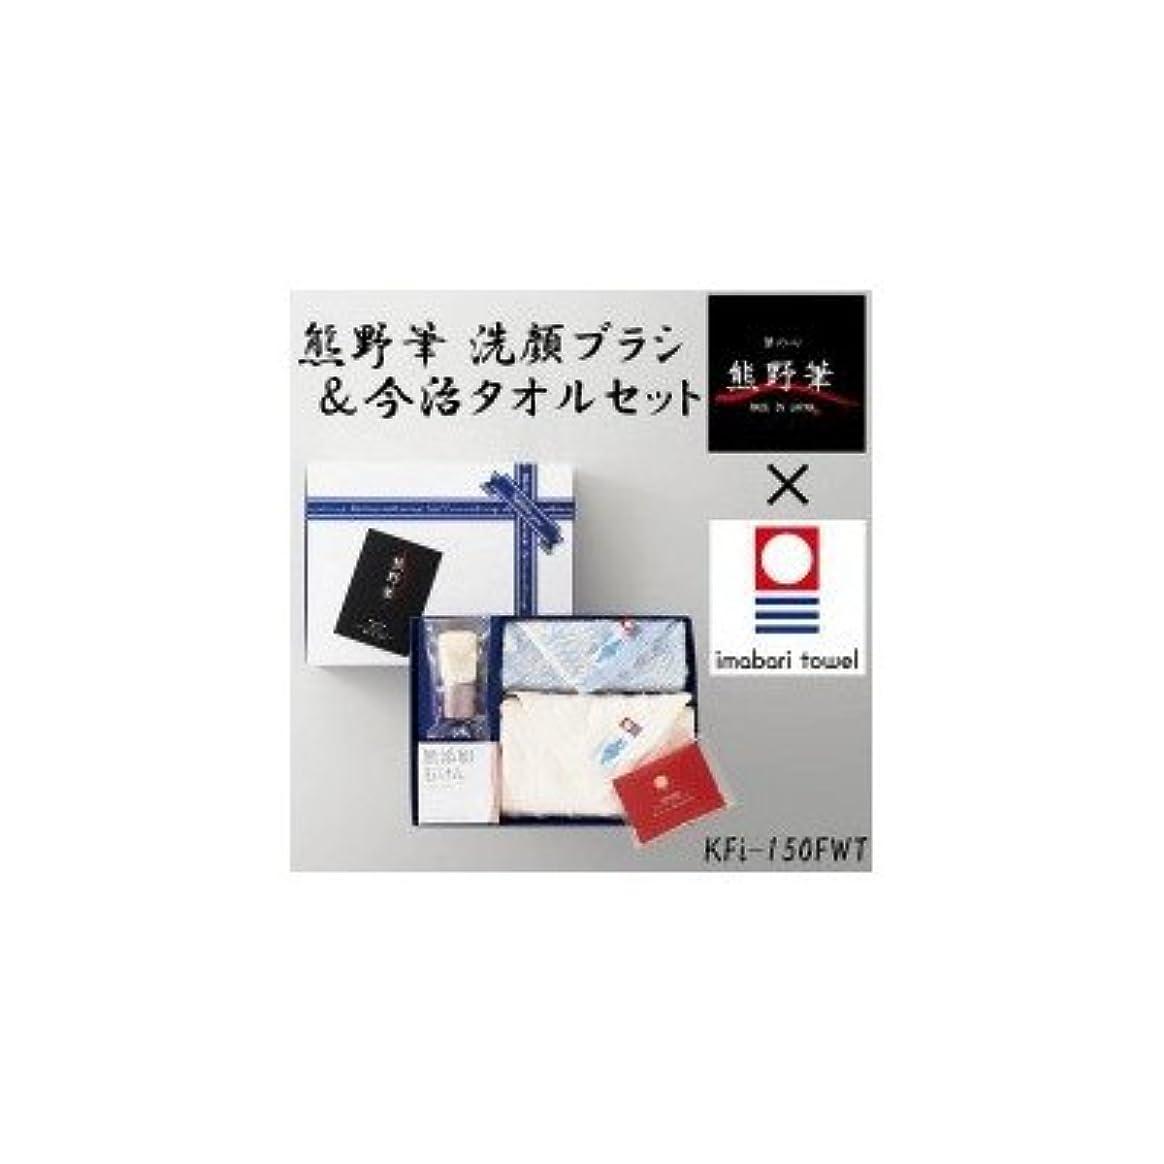 規制フライカイト評決熊野筆と今治タオルのコラボレーション 熊野筆 洗顔ブラシ&今治タオルセット KFi-150FWT